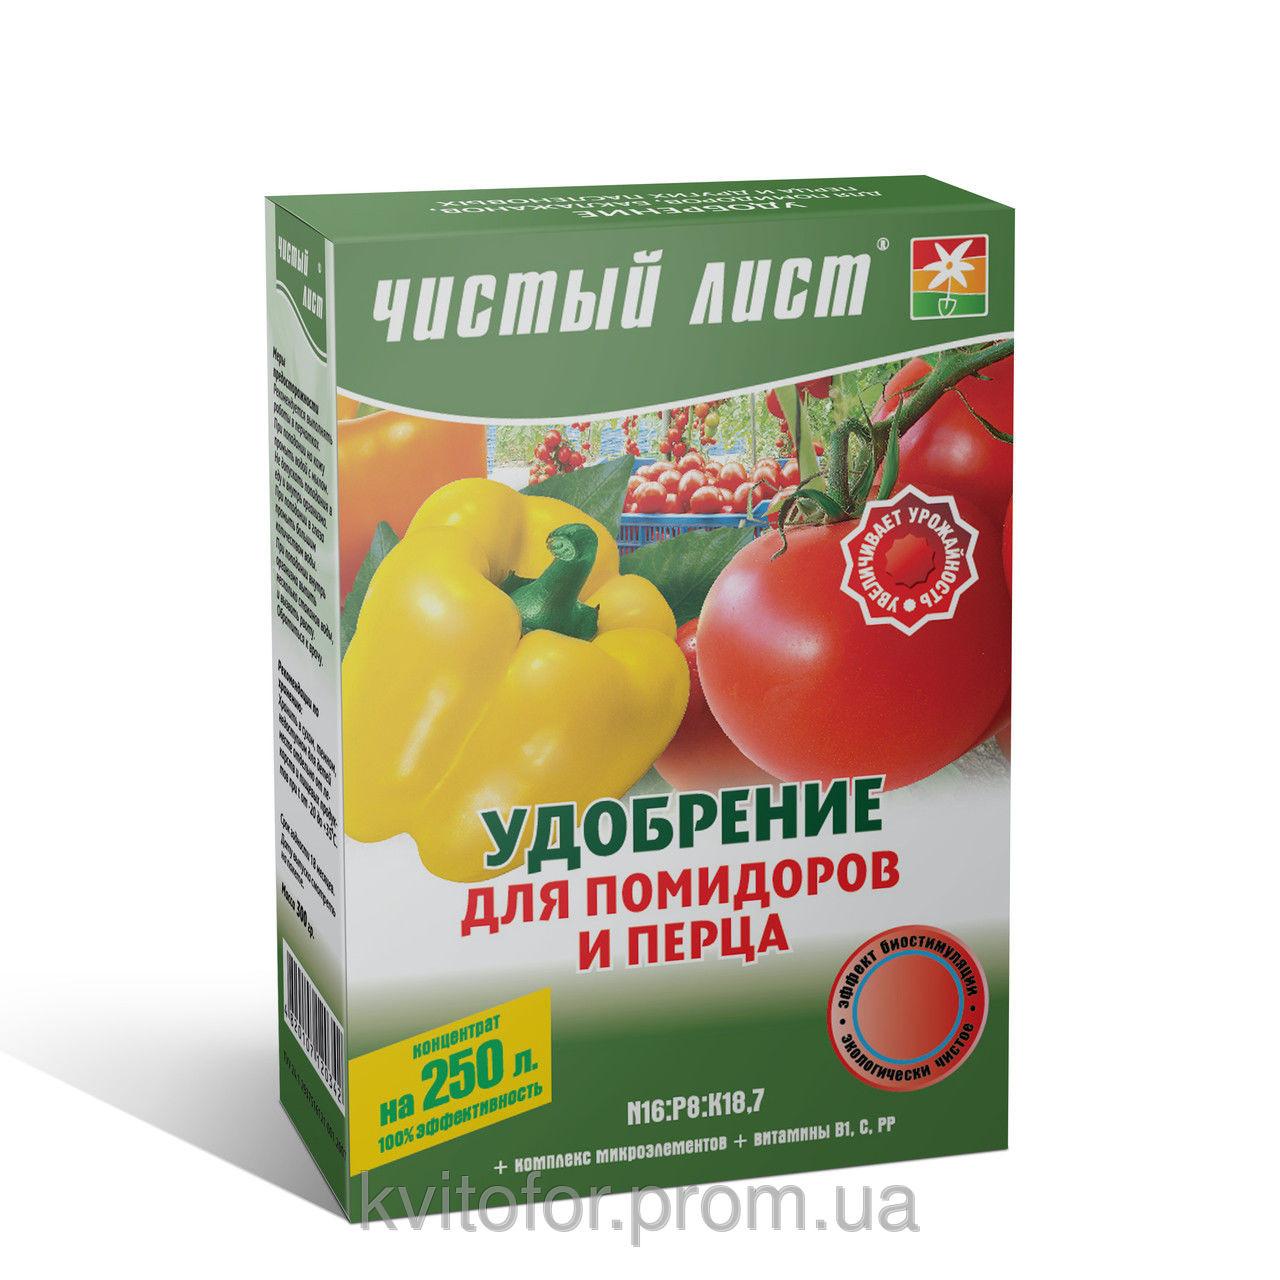 Удобрение Чистый Лист для помидоров и перца, 300г